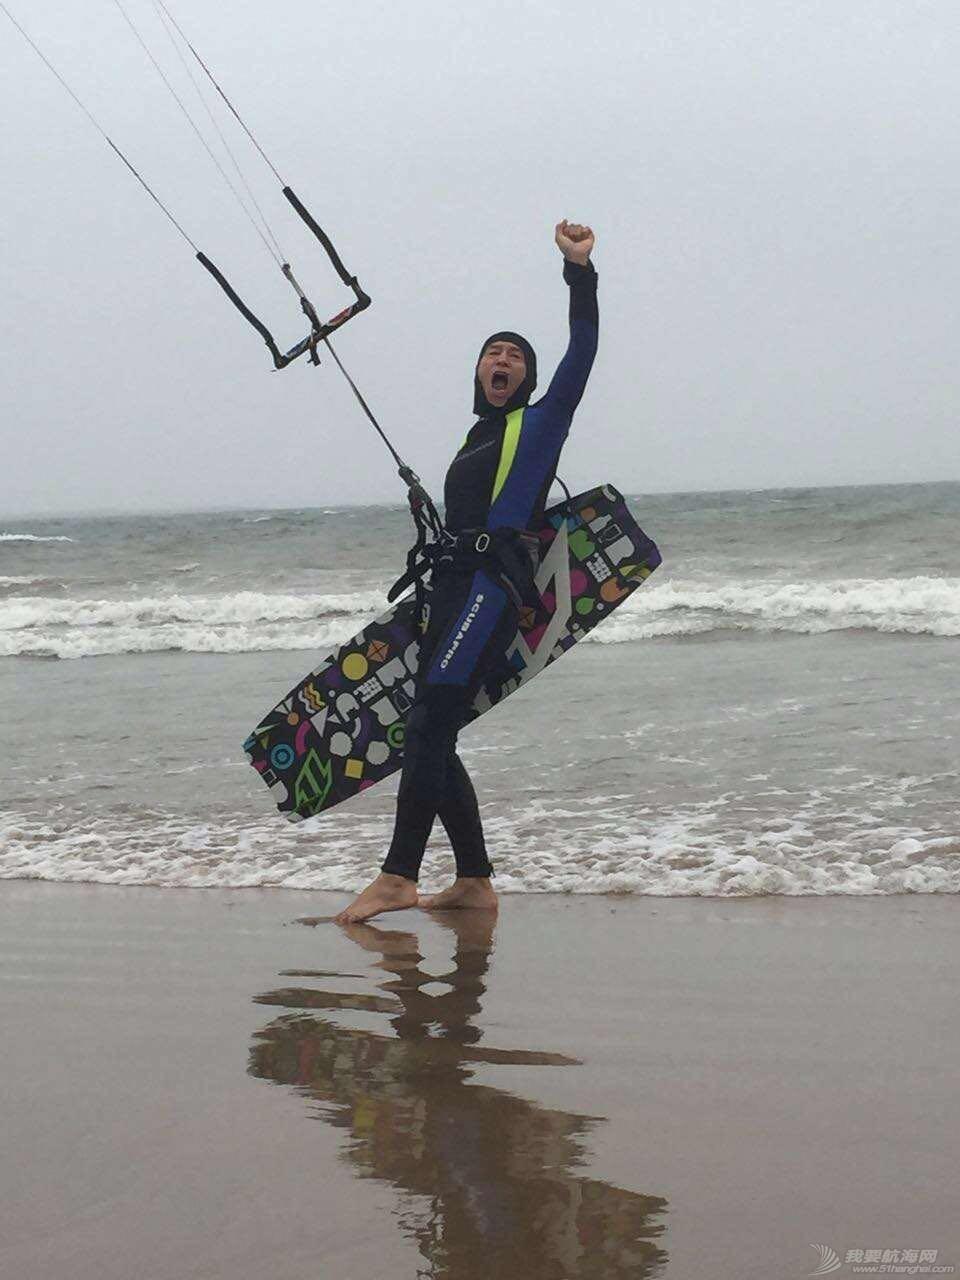 冲浪板,工作室,提供者,帆板,极限 [foil - windsurf & kitesurf]当帆板与冲浪板加上水翼! 13.pic.jpg